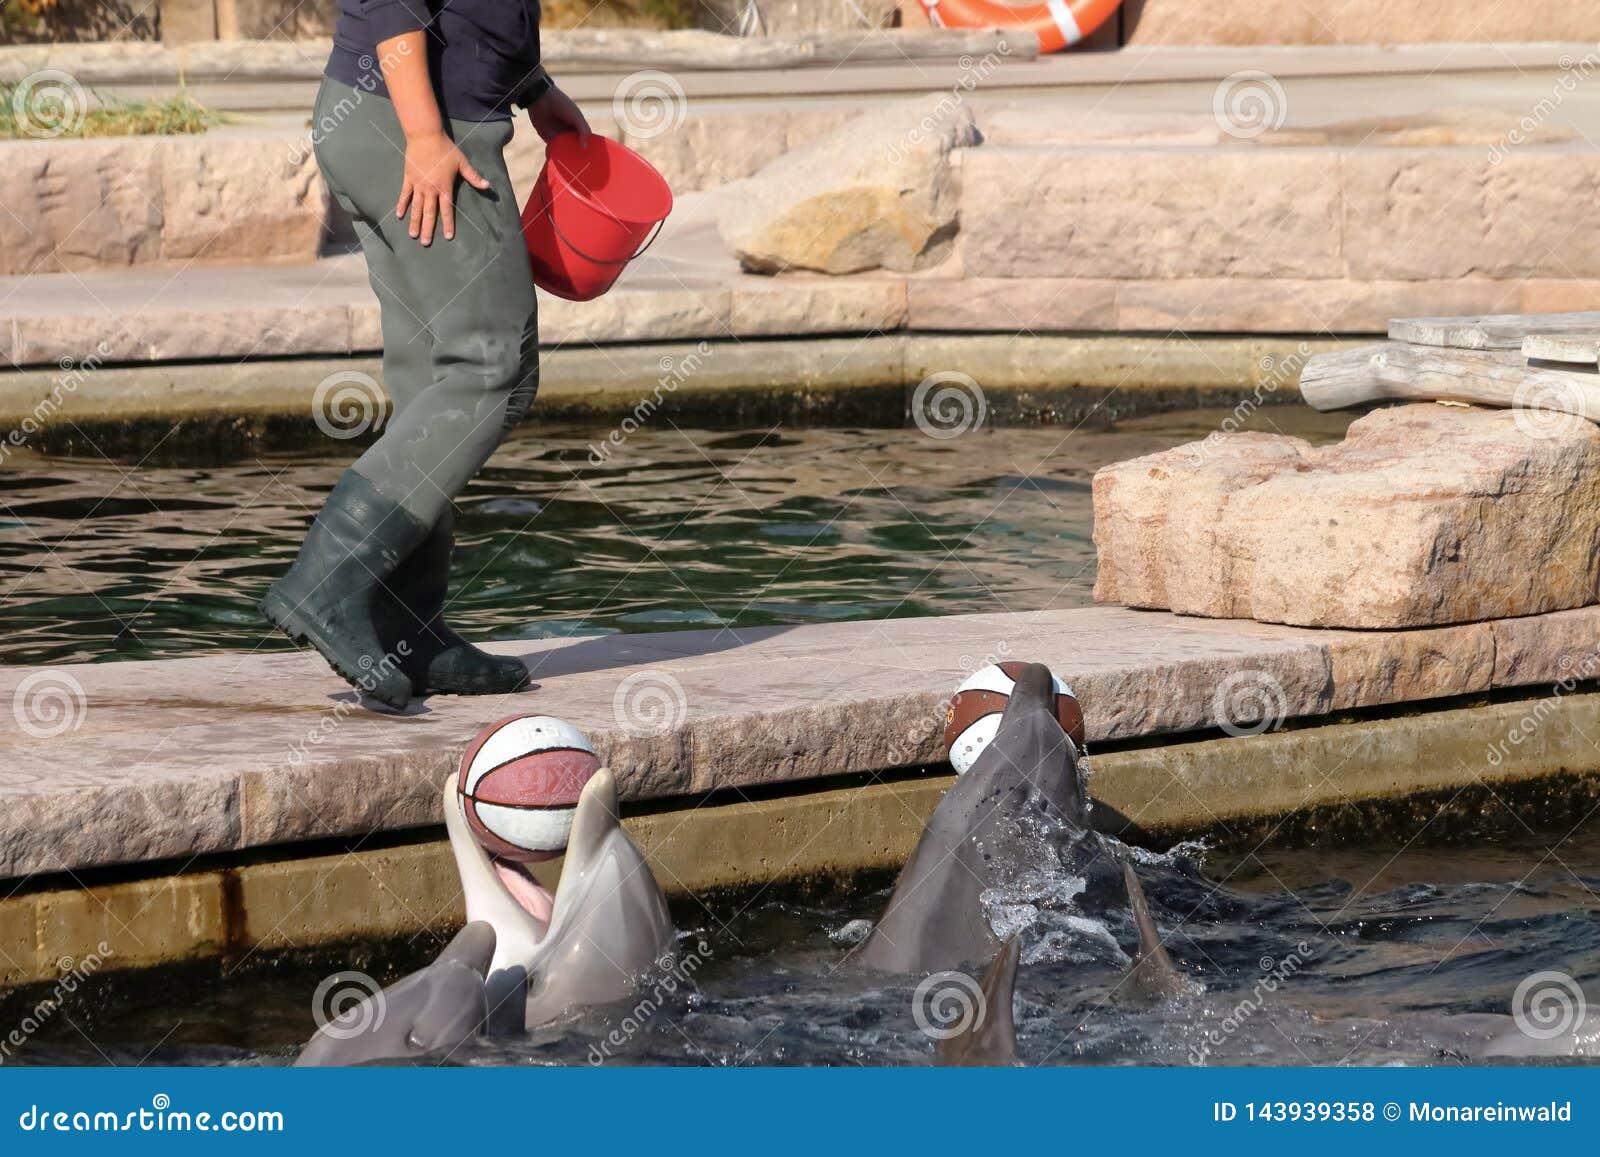 Delfin στο ζωολογικό κήπο στη Γερμανία στη Νυρεμβέργη